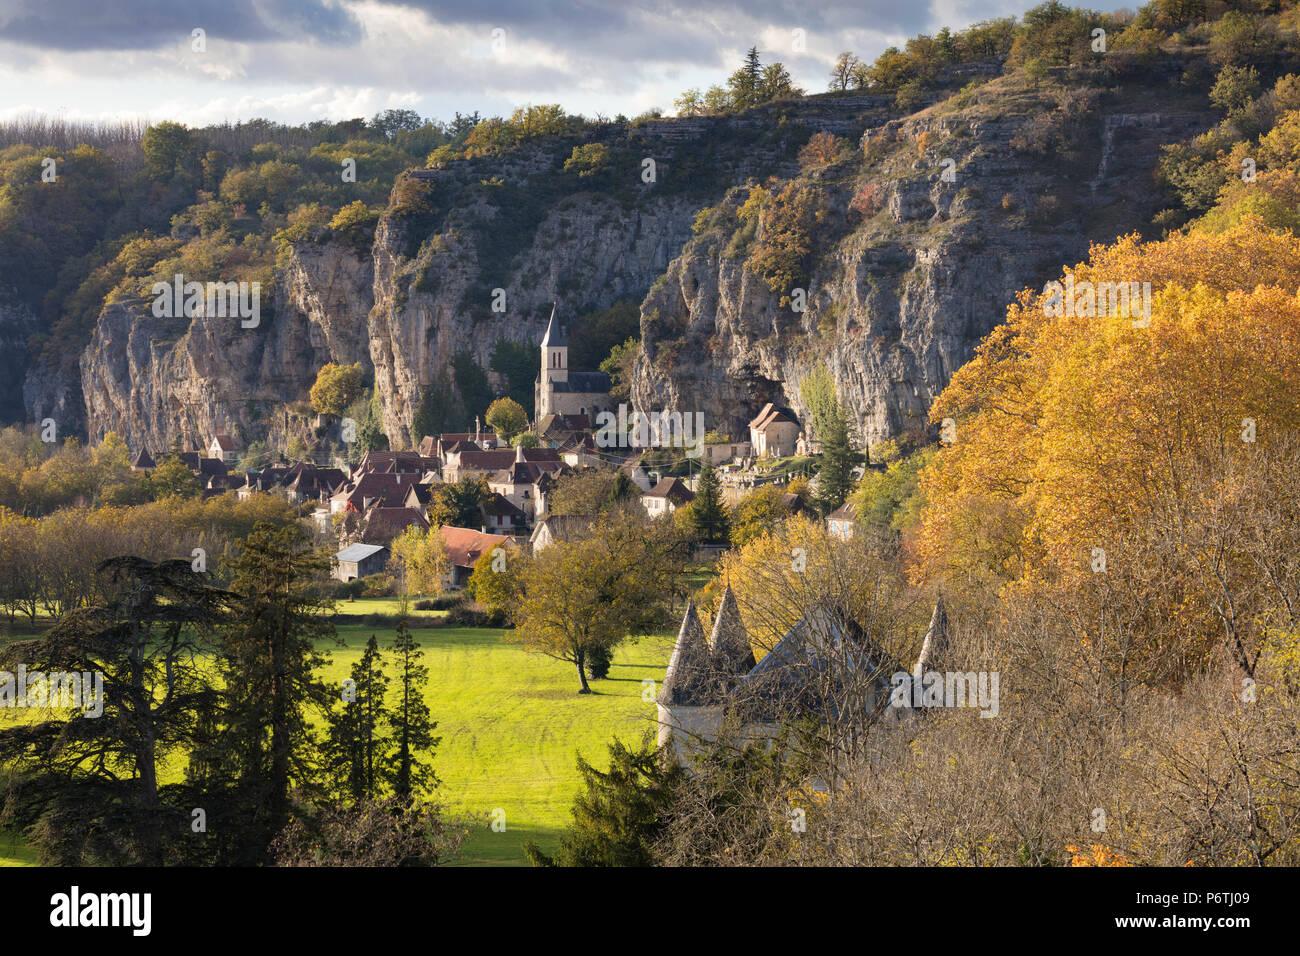 Villaggio di Gluges in autunno, Lot, Midi-Pirenei, Francia Immagini Stock